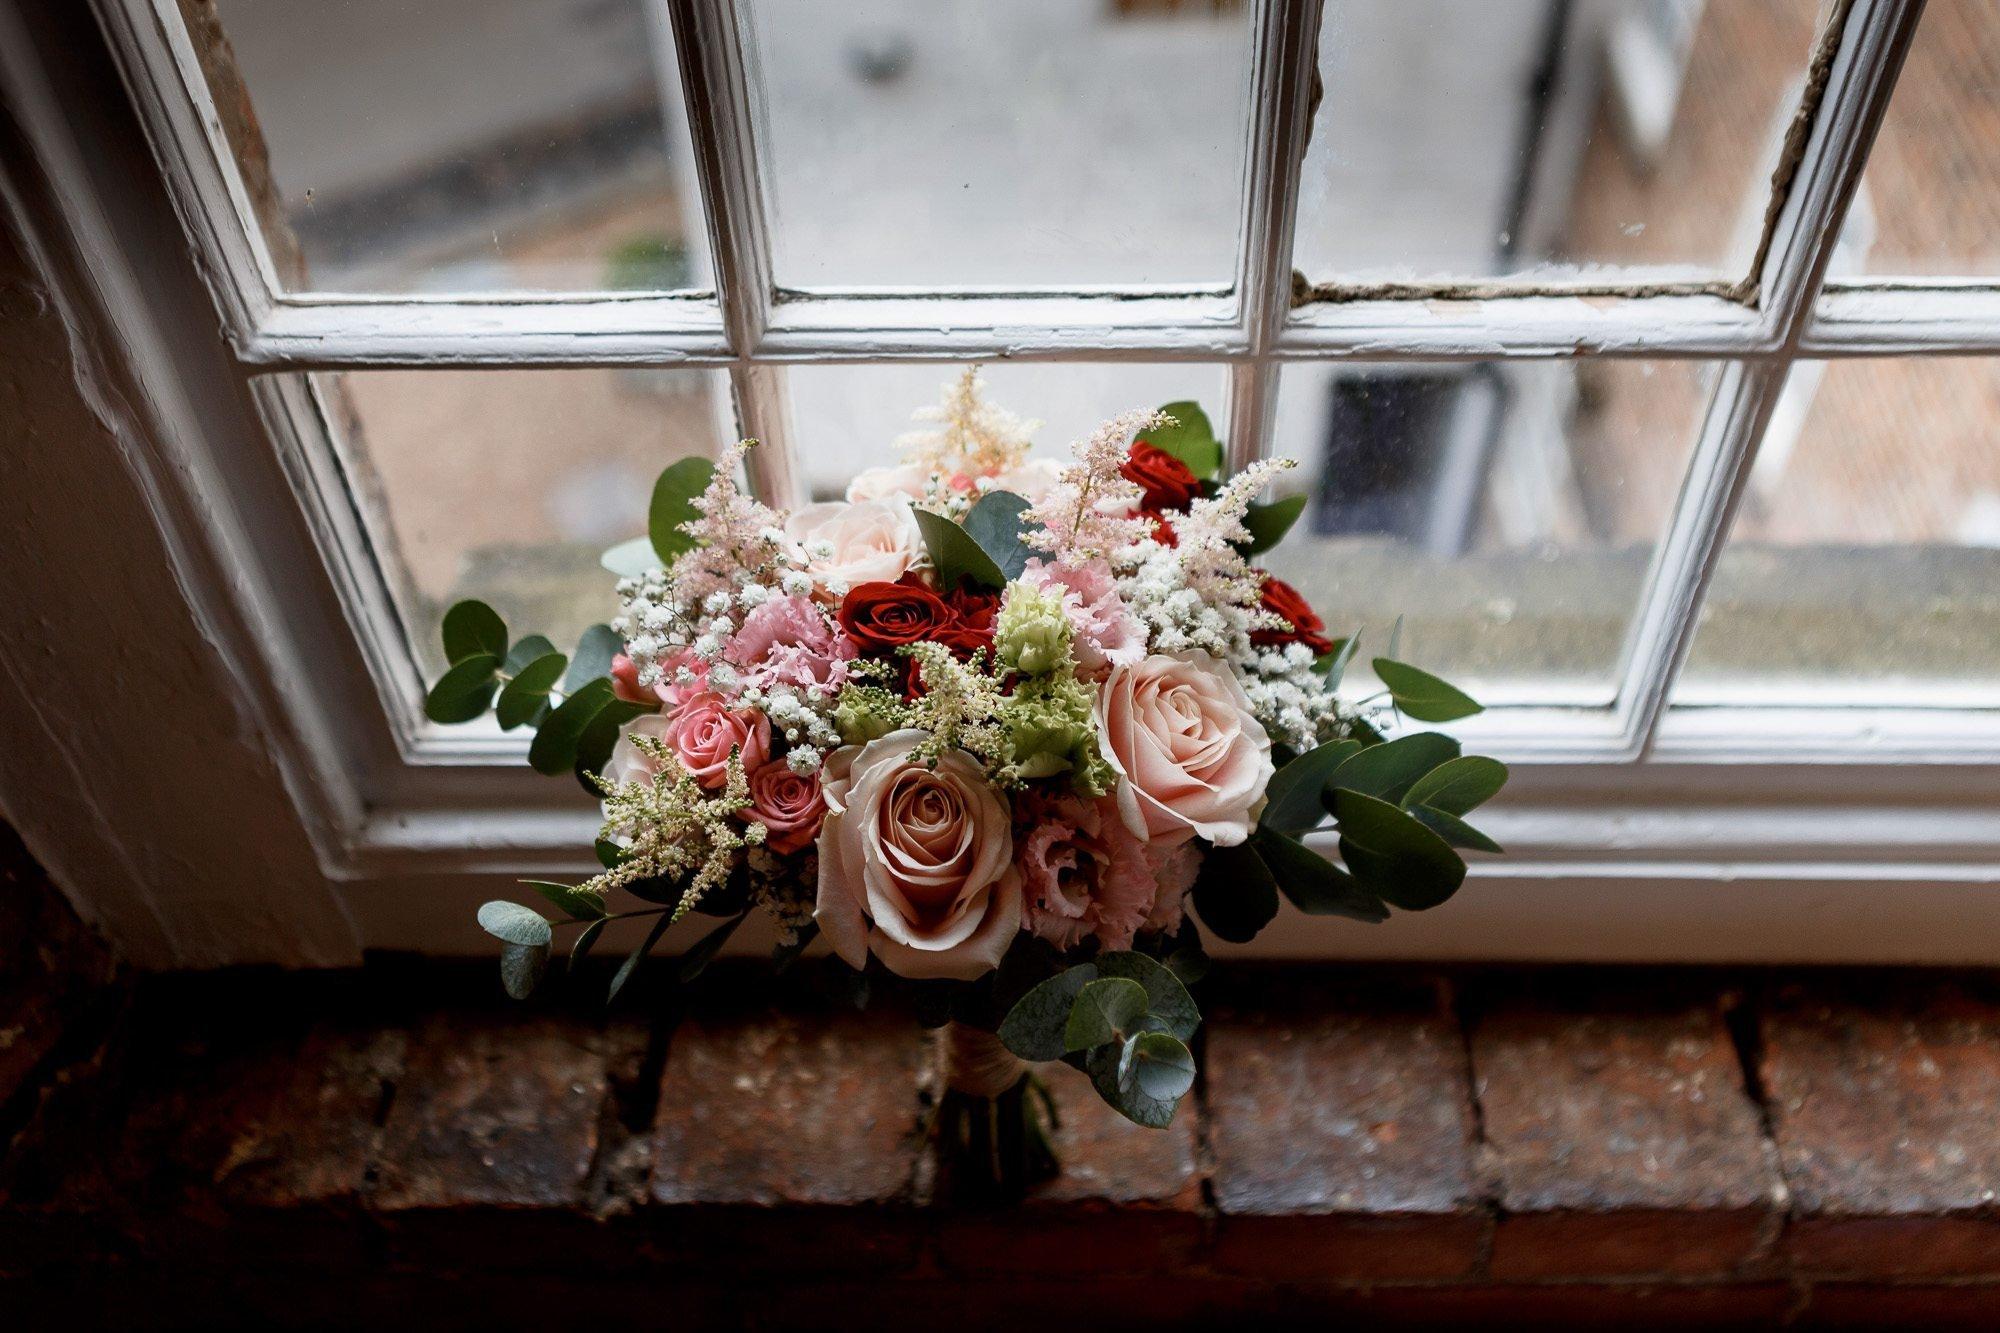 Wedding flowers in window